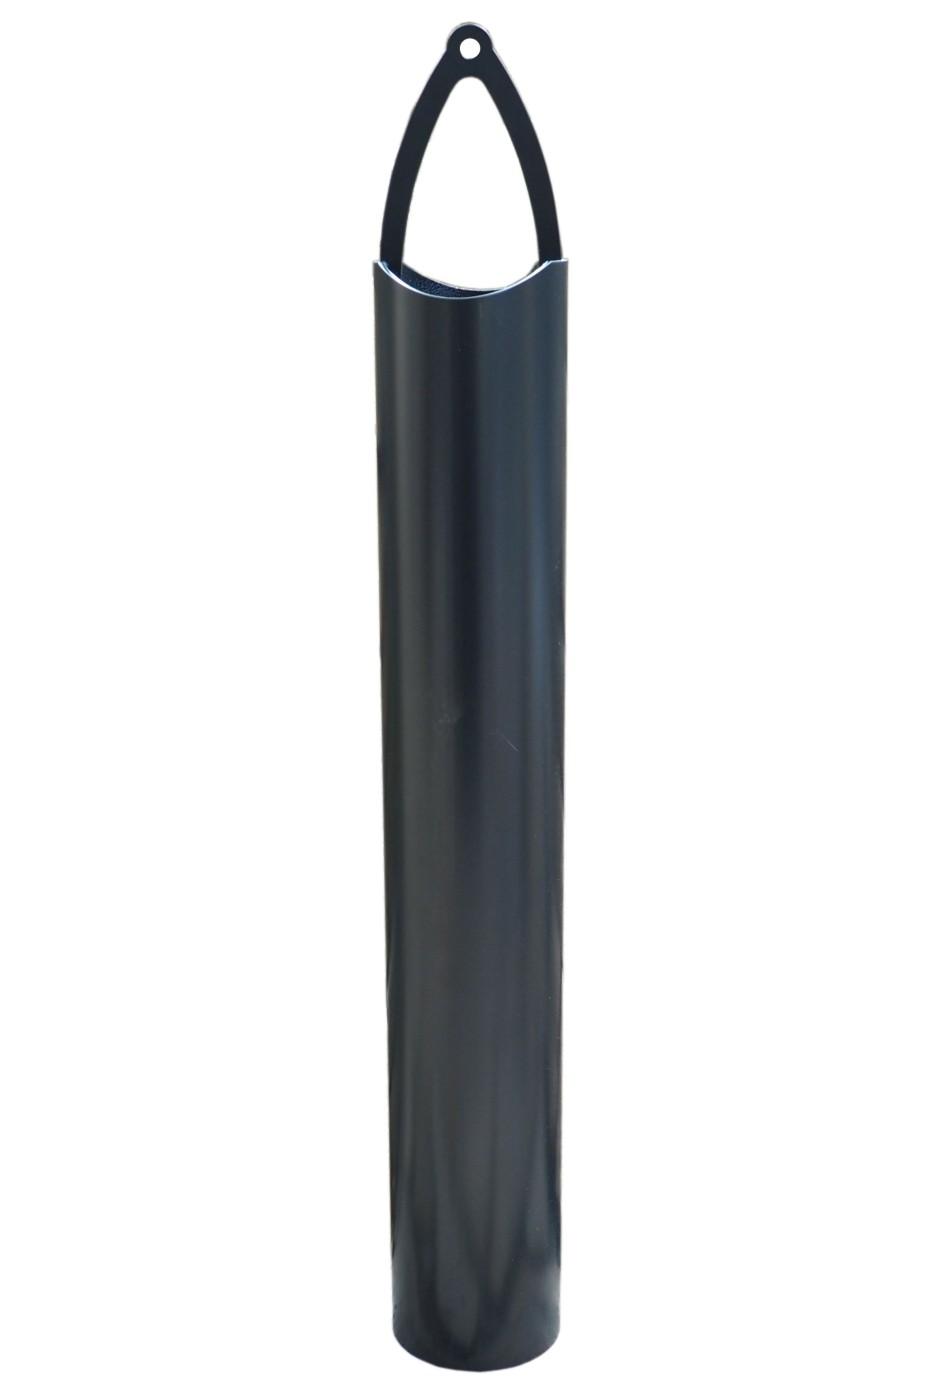 Plunscher 108mm Neues Model